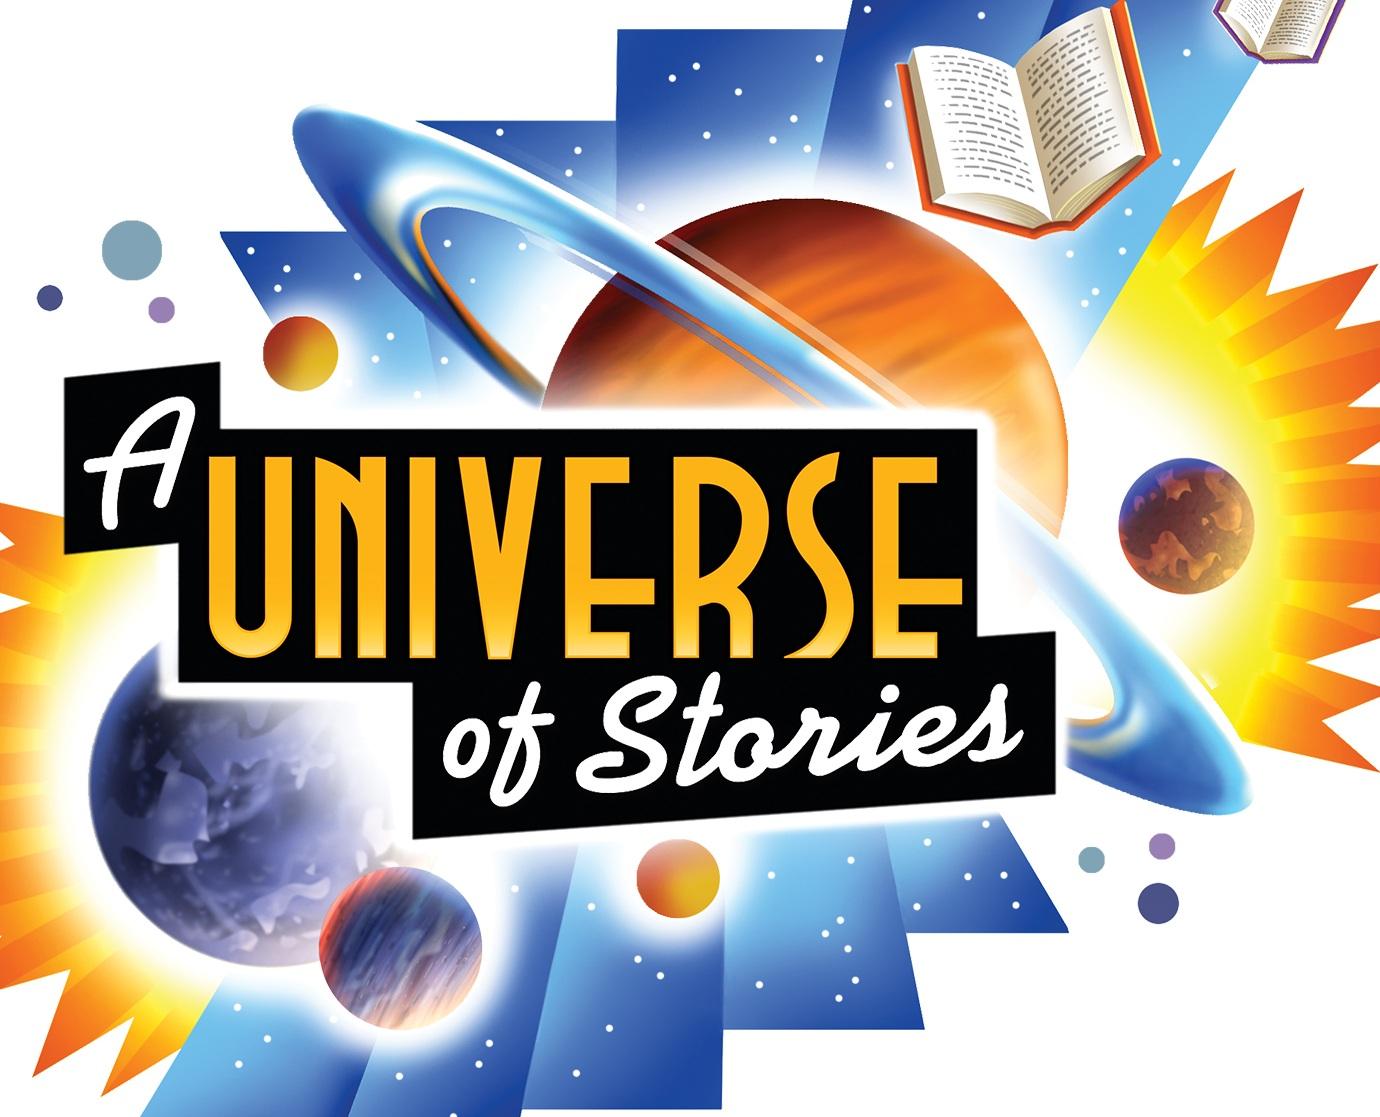 universe-spot-banner2.jpg